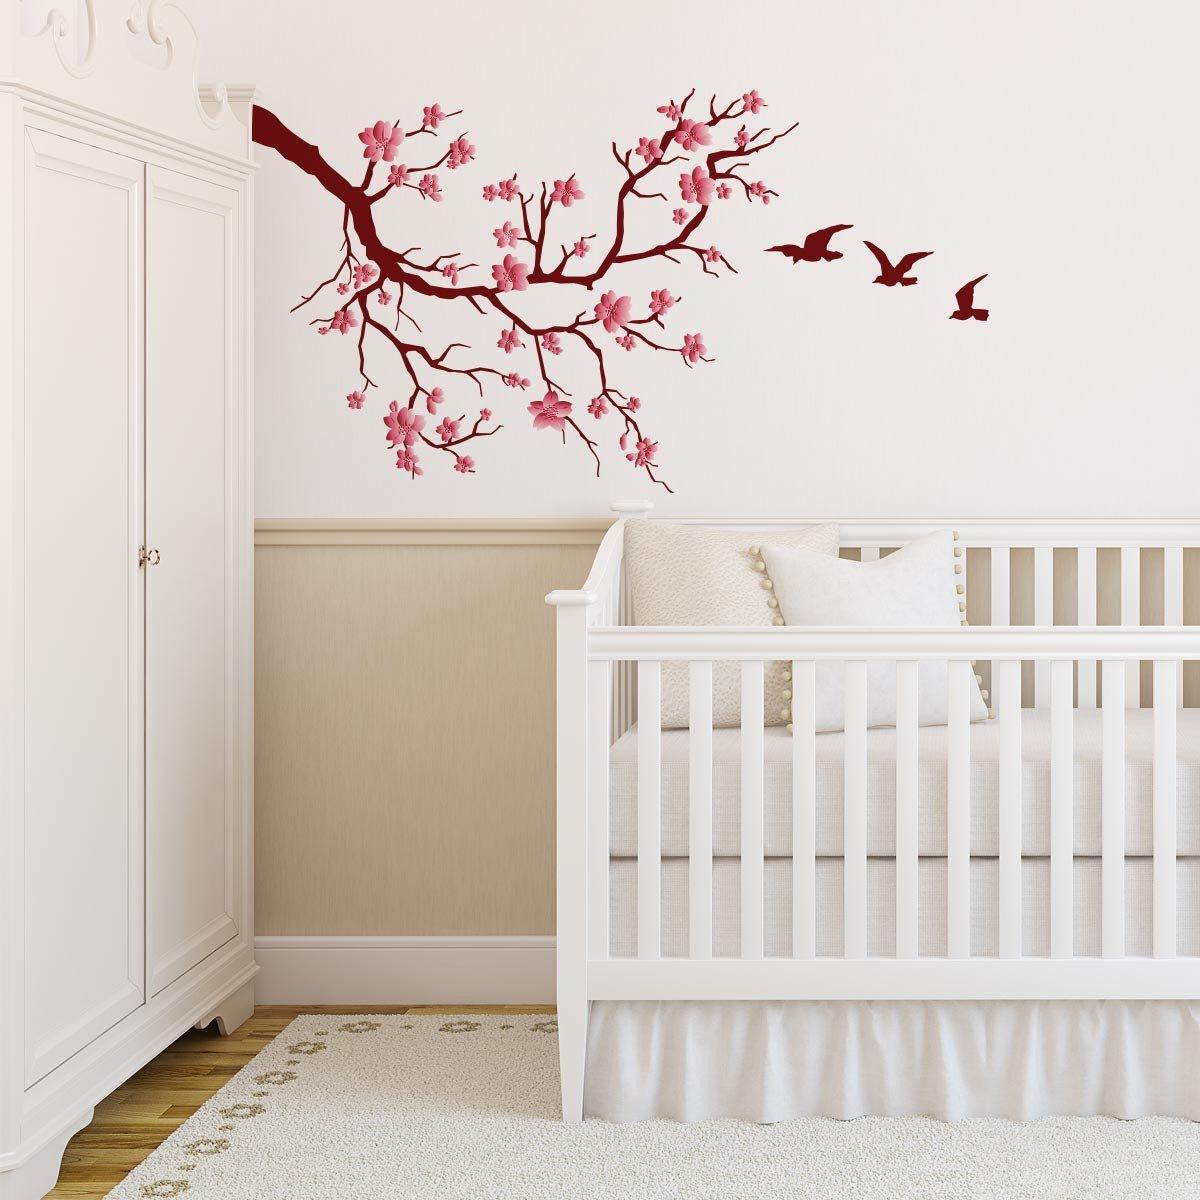 adesivo-de-parede-decoracao-galho-de-cerejeira